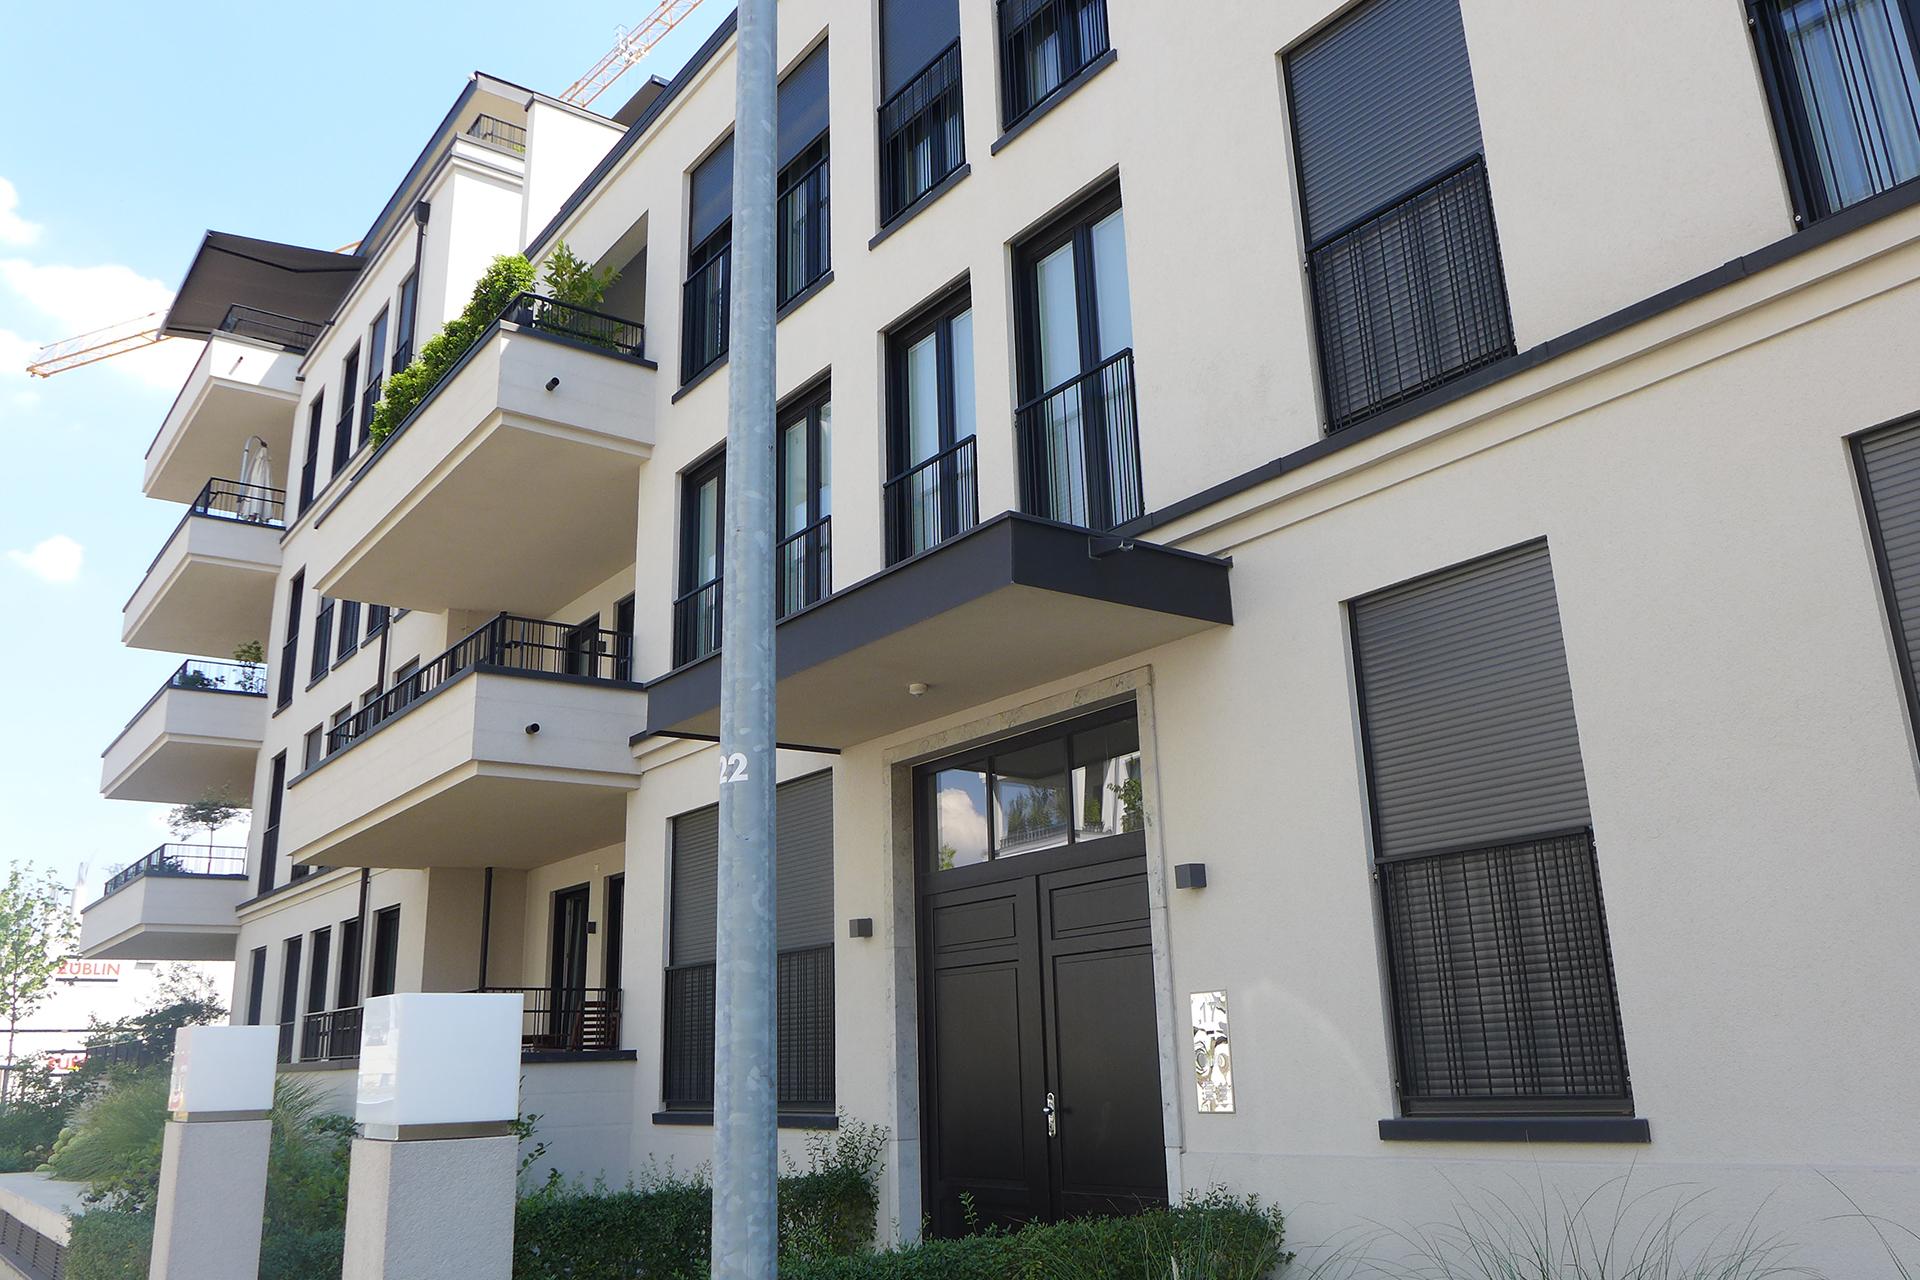 3-Zimmer-Wohnung | Düsseldorf-Oberkassel